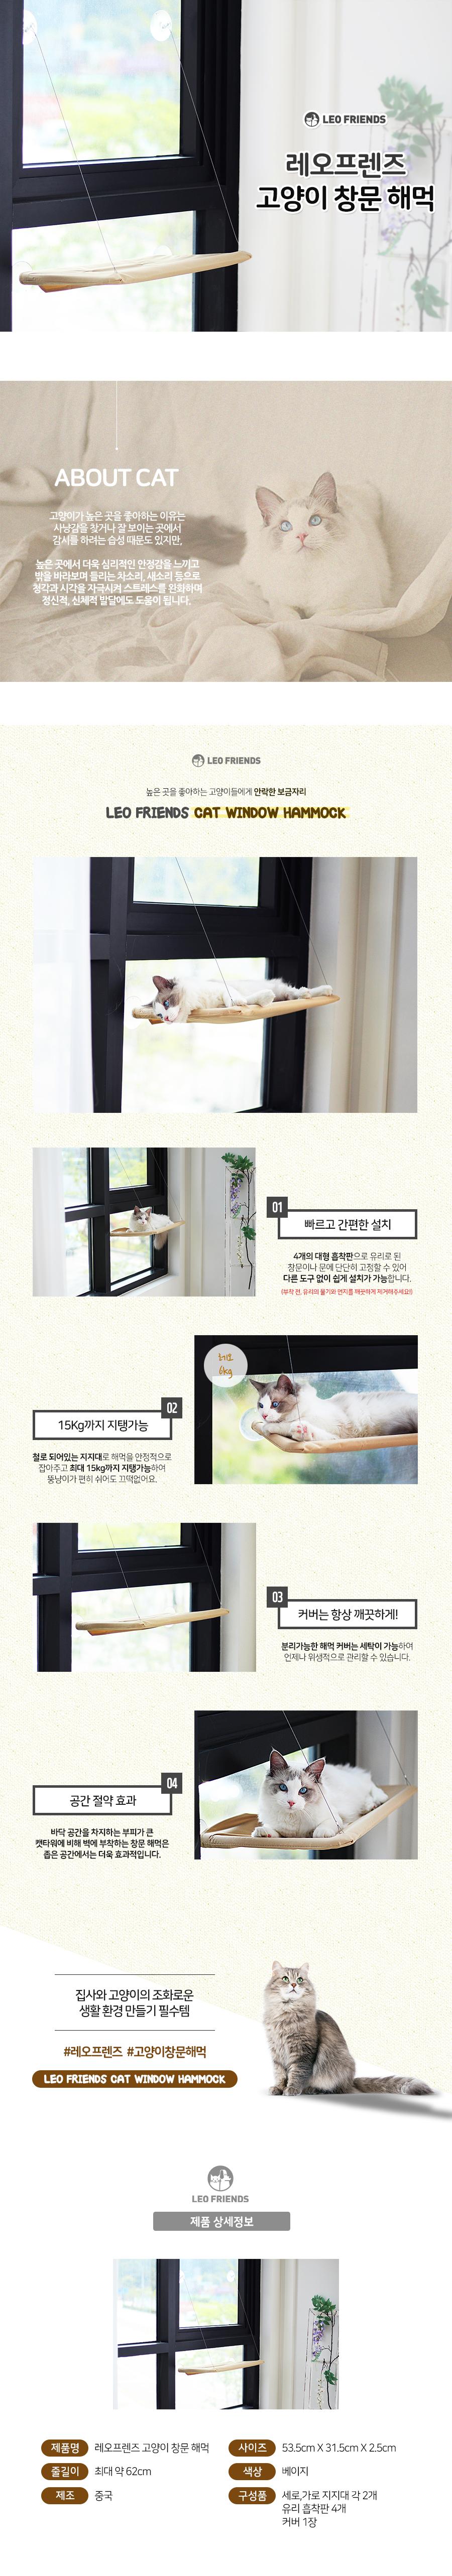 레오프렌즈 고양이 캣타워 윈도우 창문해먹 - 레오프렌즈, 16,900원, 하우스/캣타워, 침대/해먹